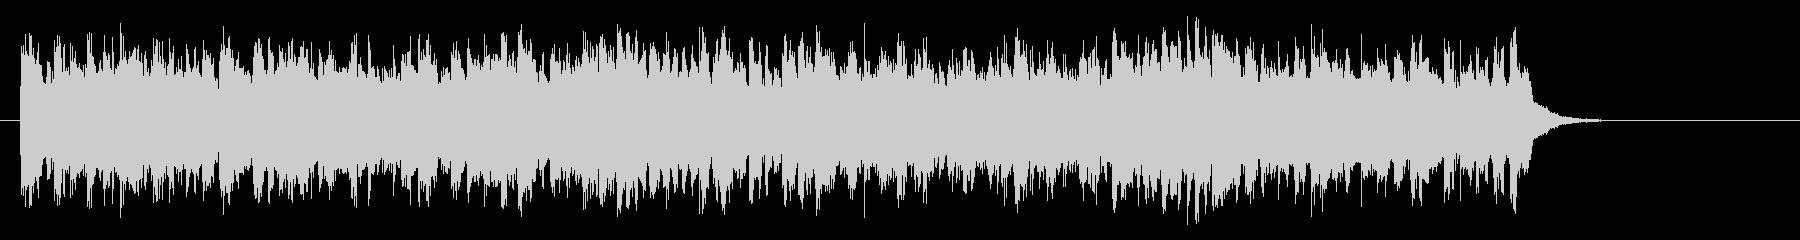 アコースティック風BGM(サビ)の未再生の波形